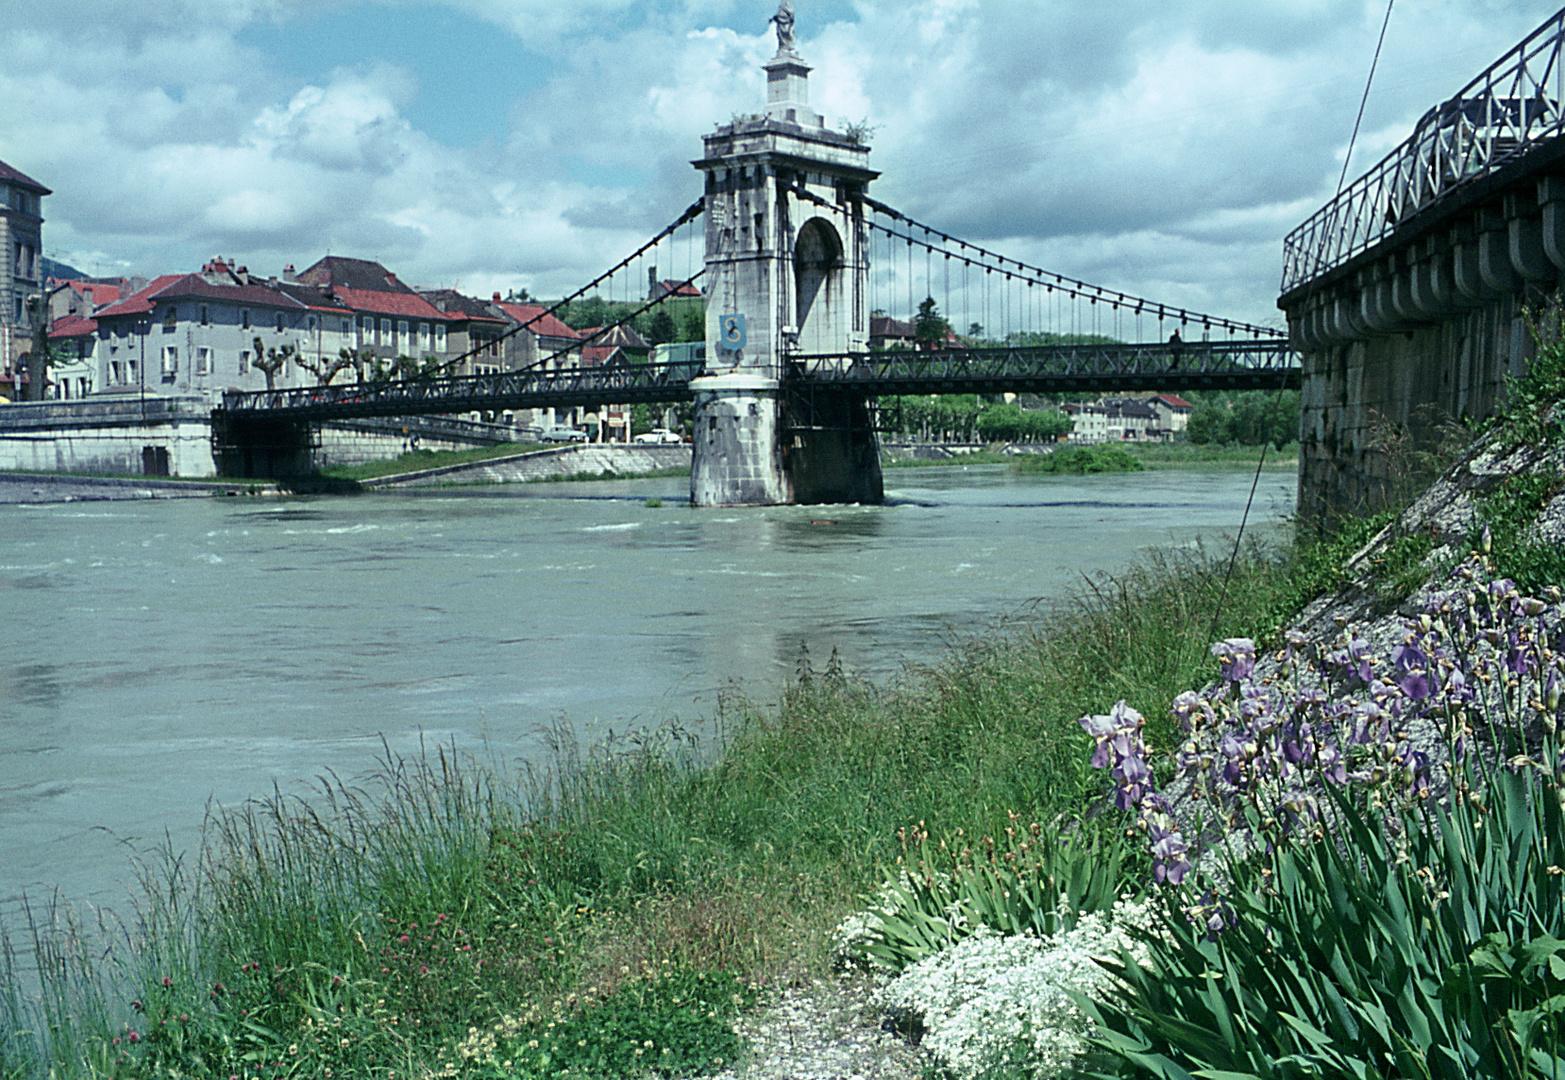 Rhone - Brücke Seyssel